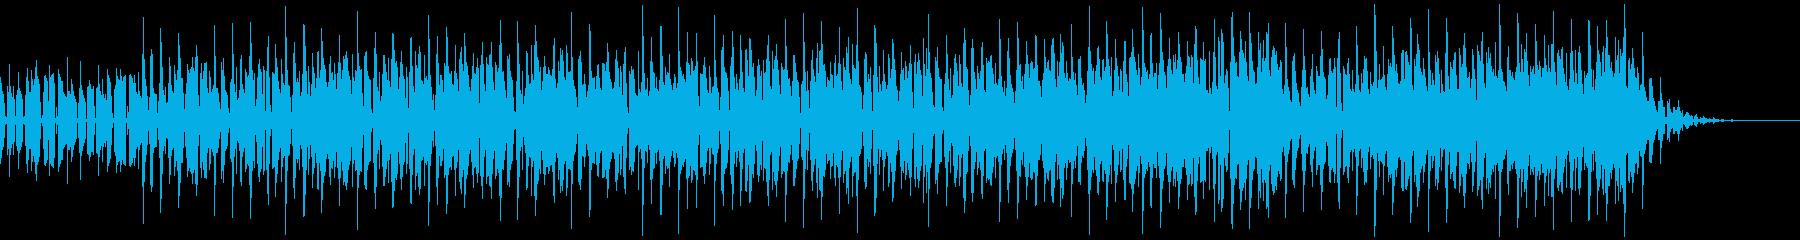 ごちゃまぜジャズヒップホップの再生済みの波形